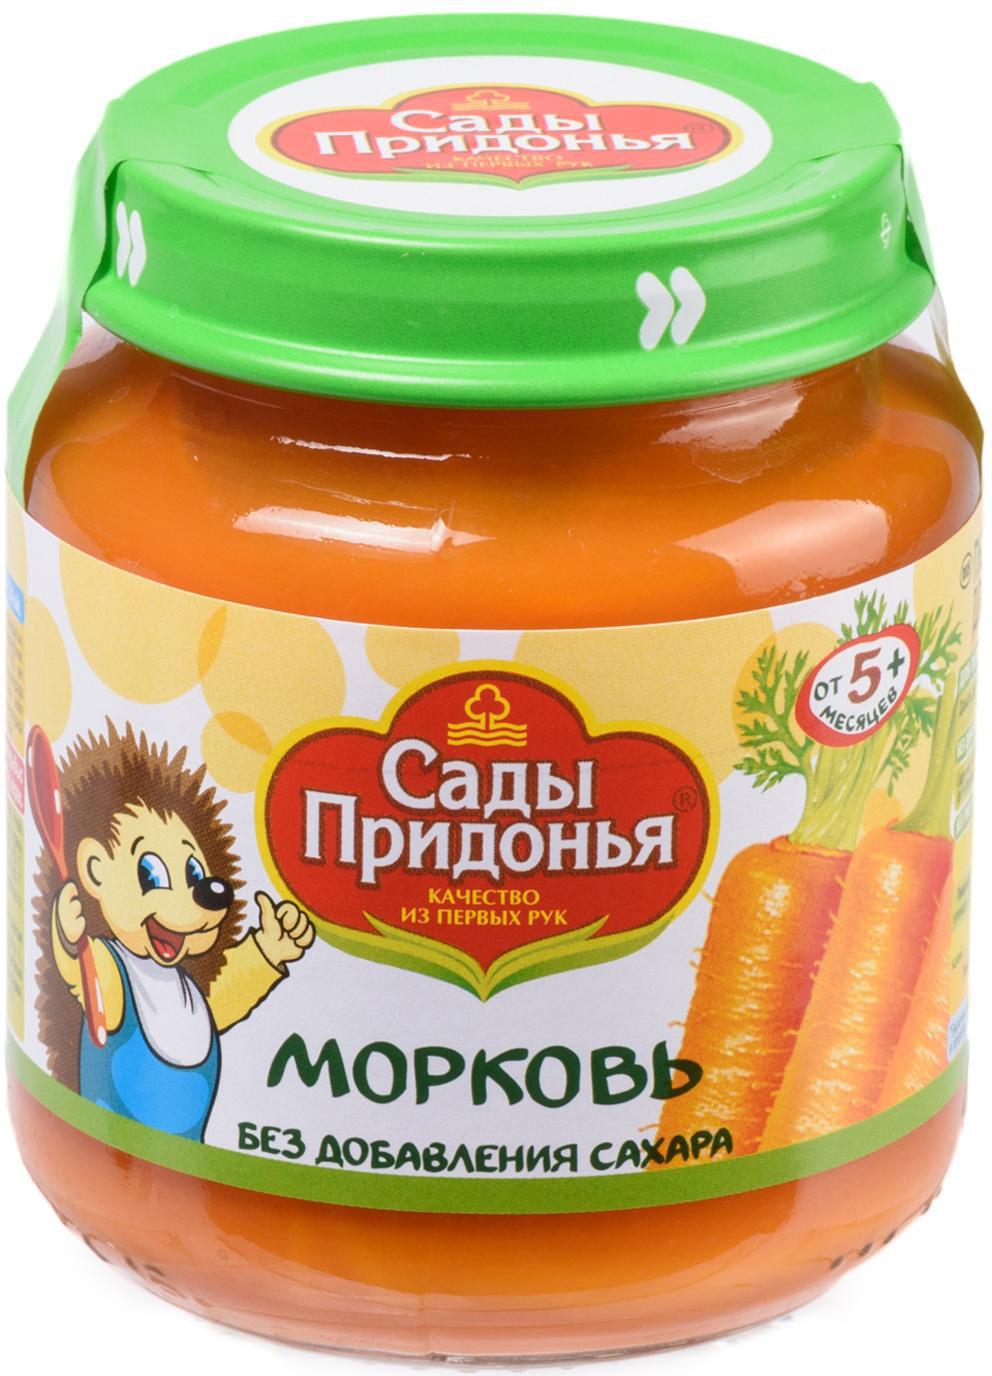 Сады Придонья пюре морковное, 12 шт по 120 г цена